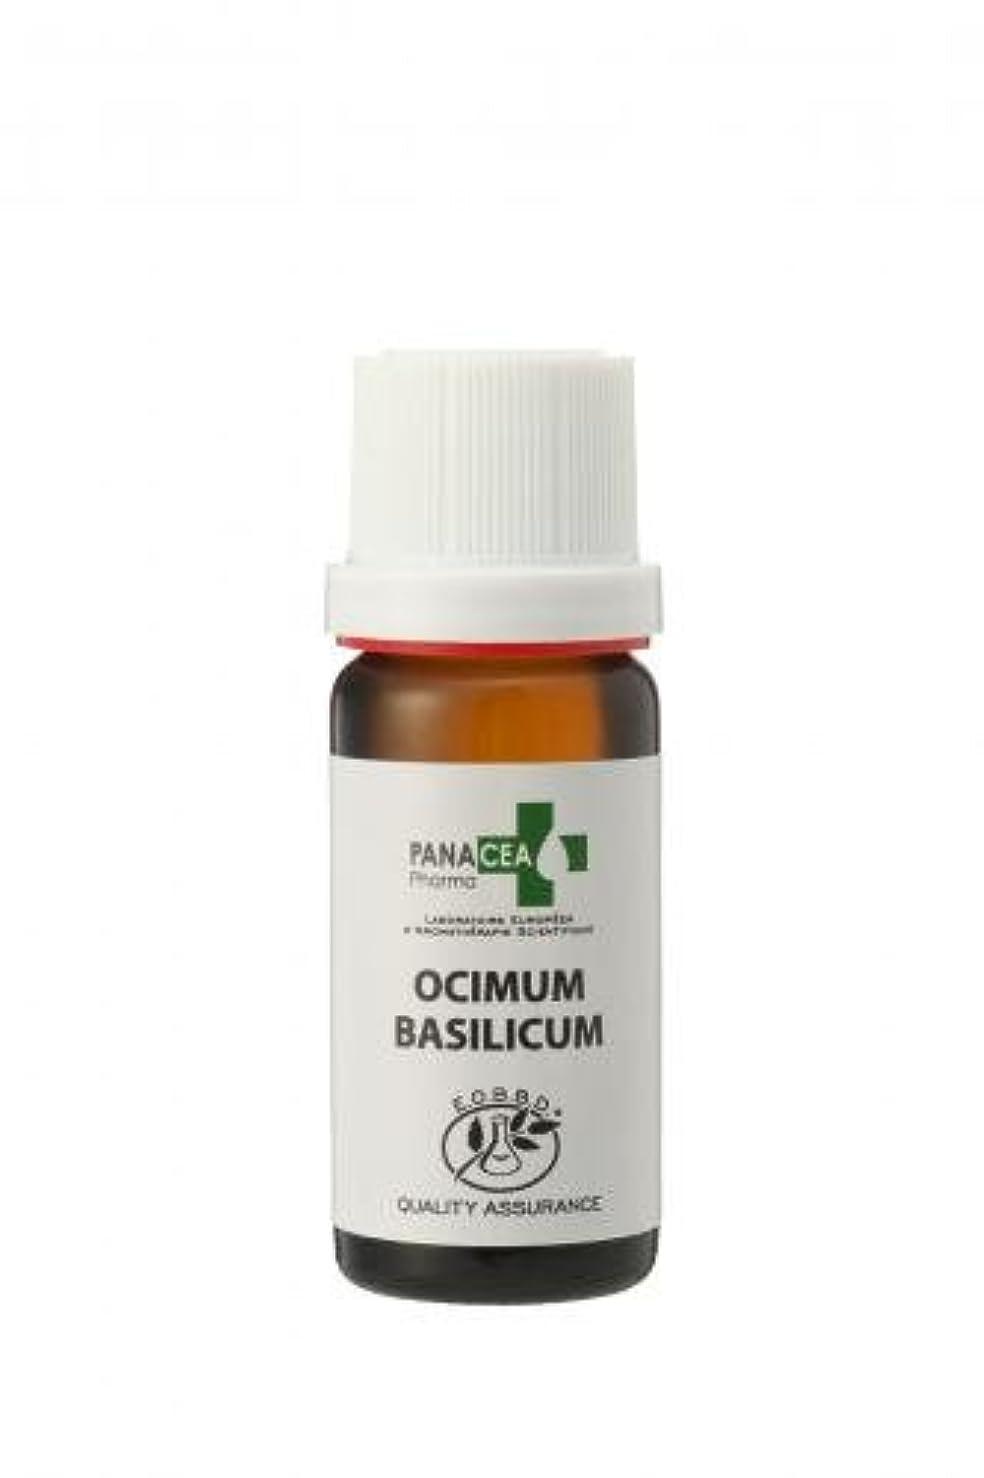 拒絶連合同意するバジル メチルカビコール (Ocimum basilicum) 10ml エッセンシャルオイル PANACEA PHARMA パナセア ファルマ